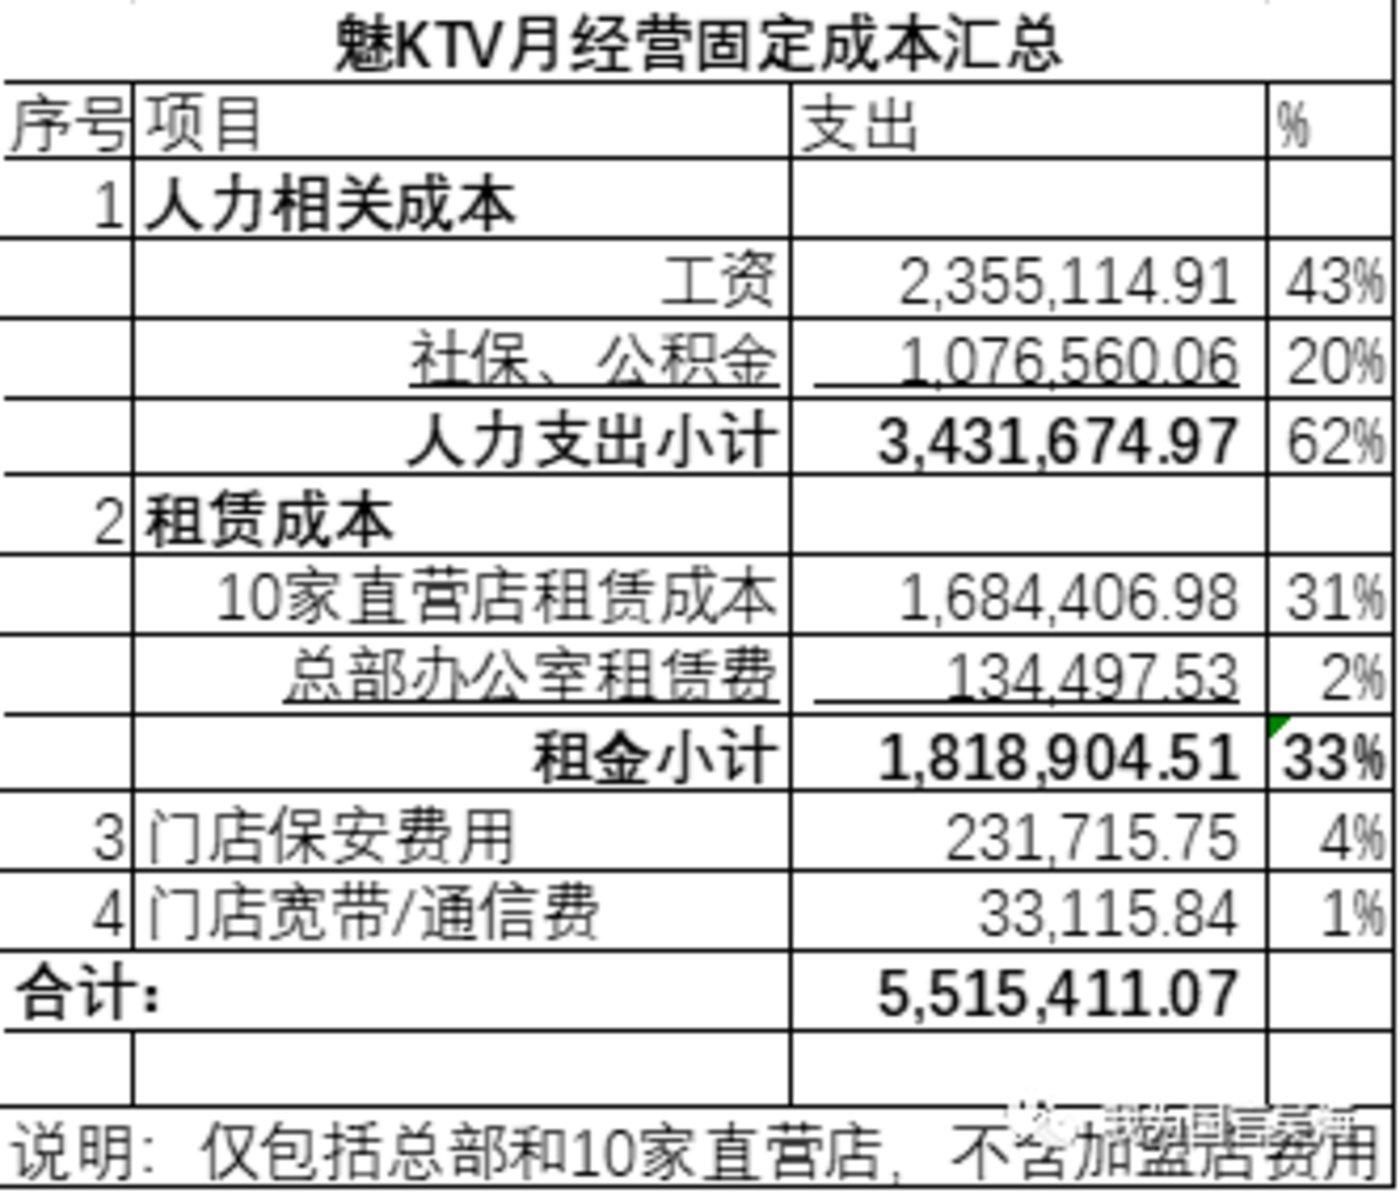 吴海展示的12月财务固定支出数字(不含研发支出), 目前其账上还有1200万左右,在不营业没收入的情况下能撑两个月